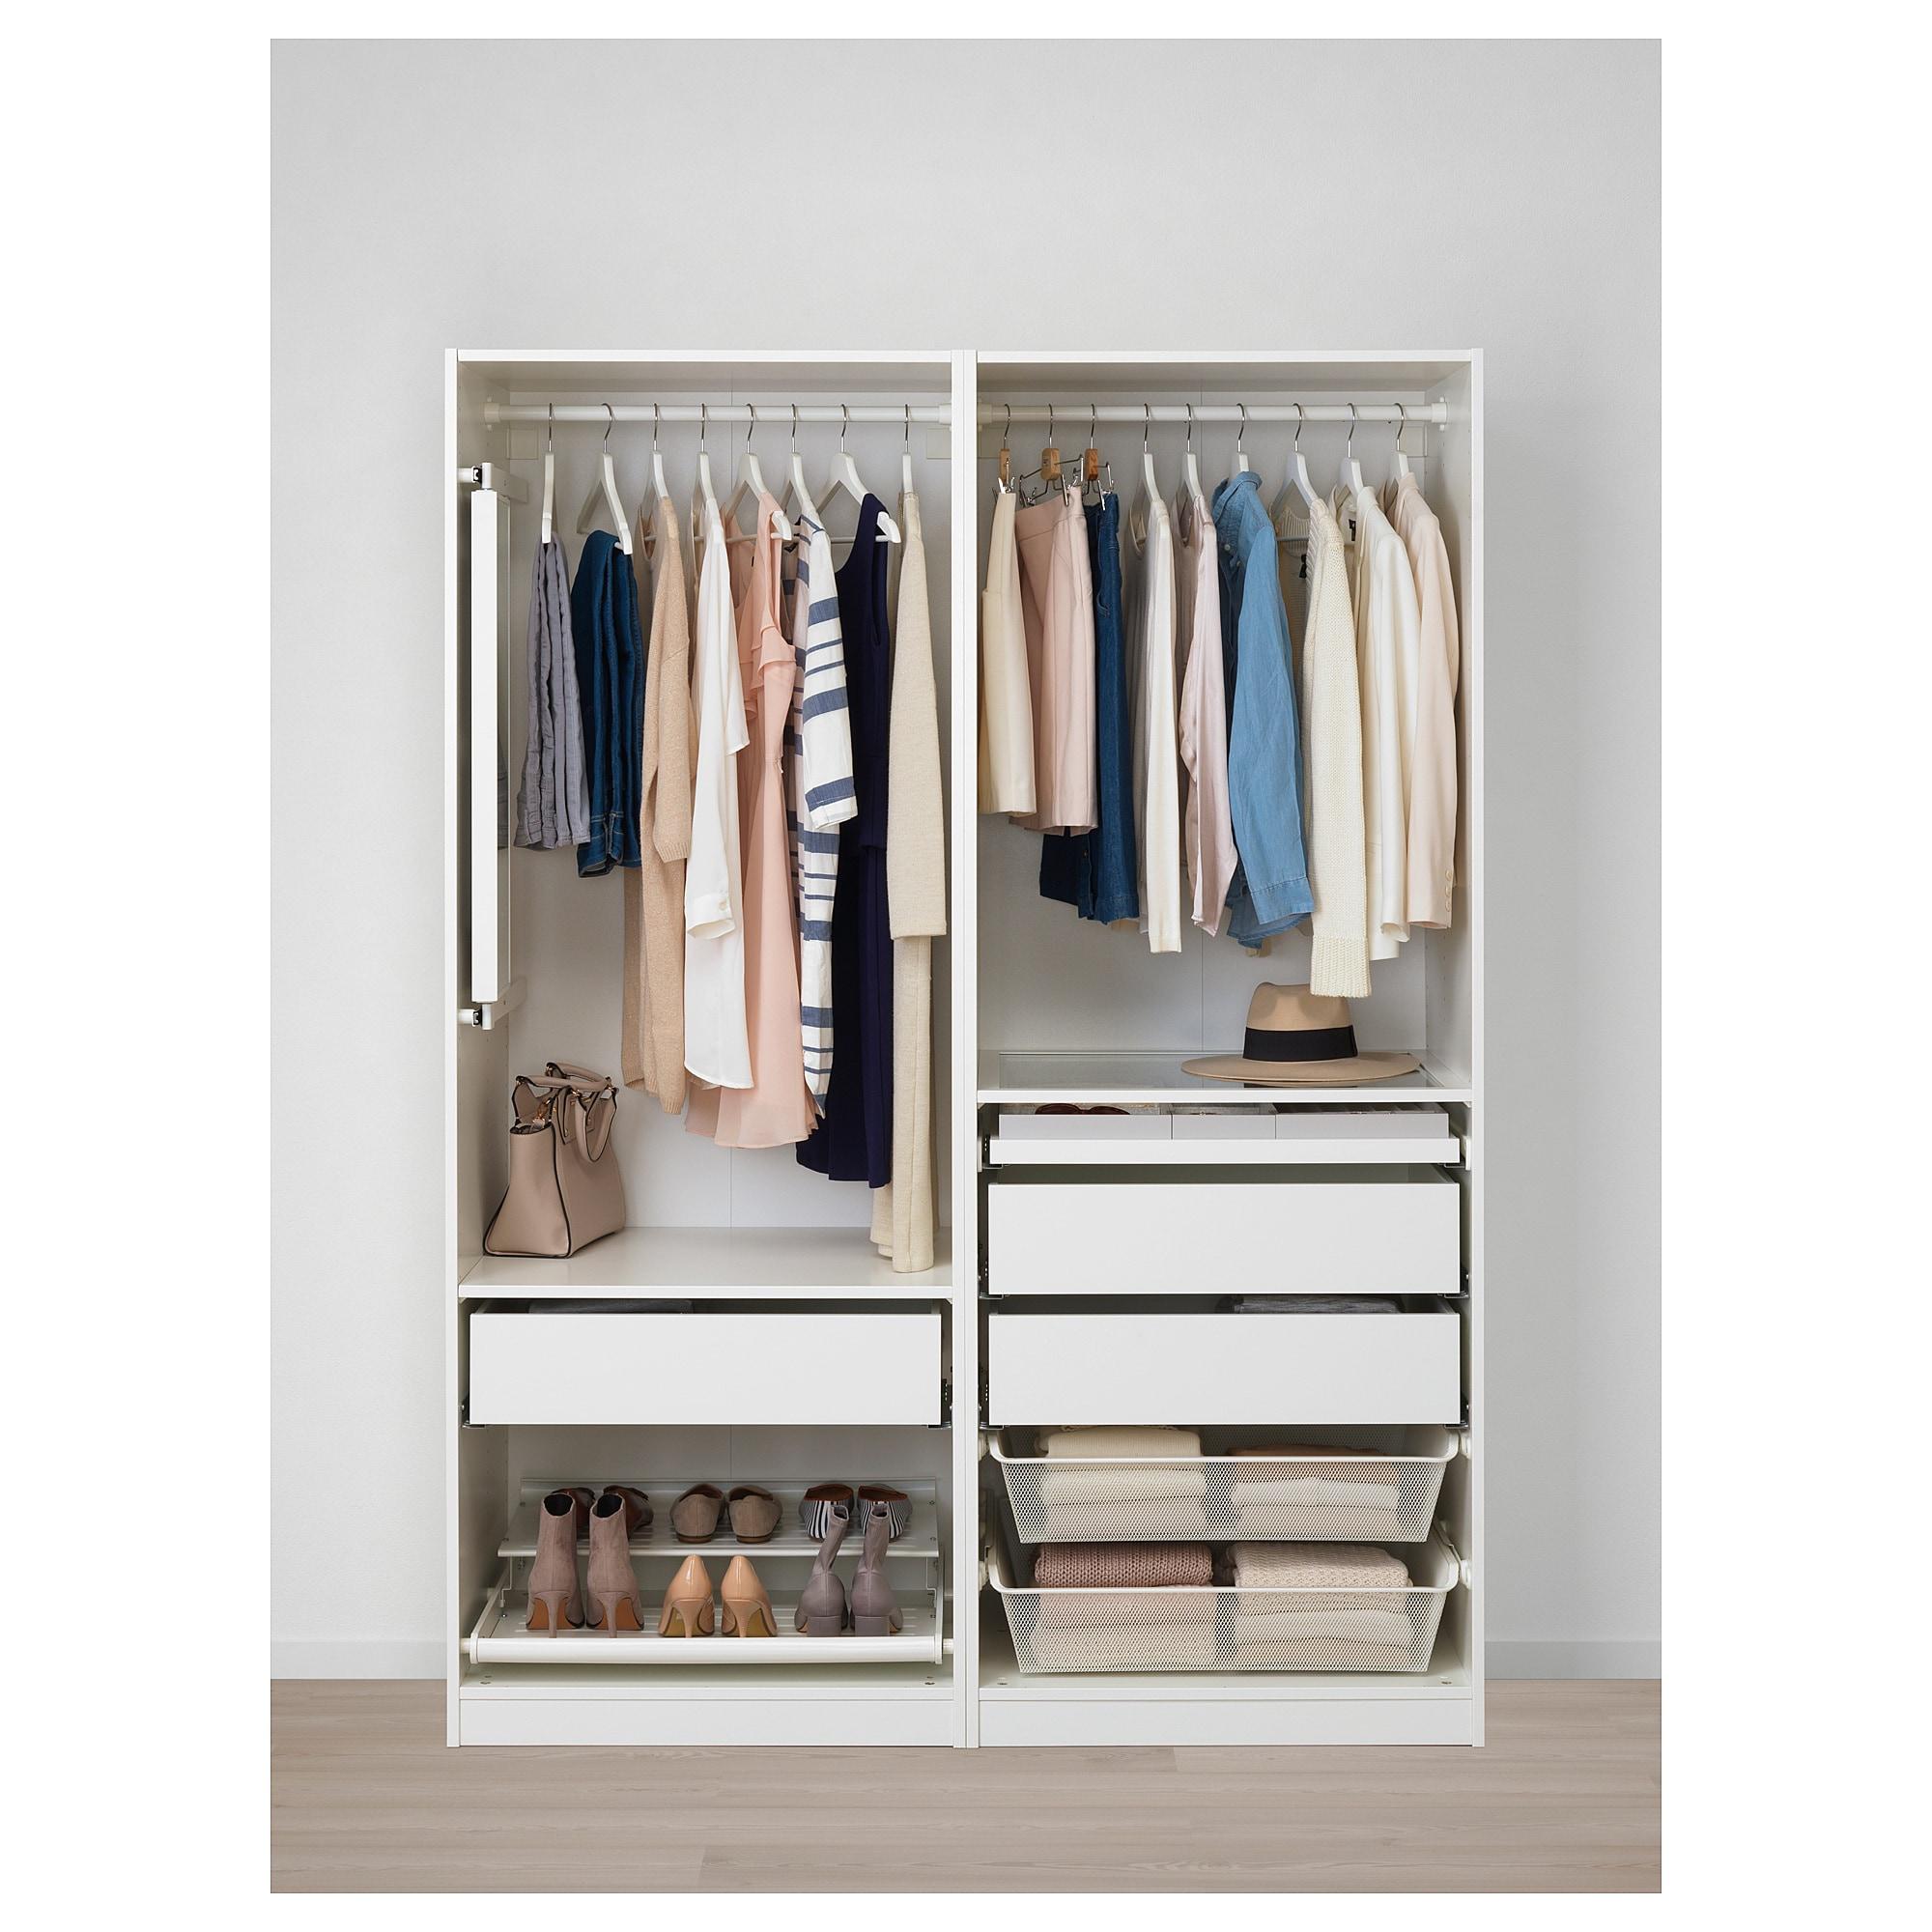 Ikea Tiroir Armoire Pax furniture and home furnishings | armoire penderie, ikea